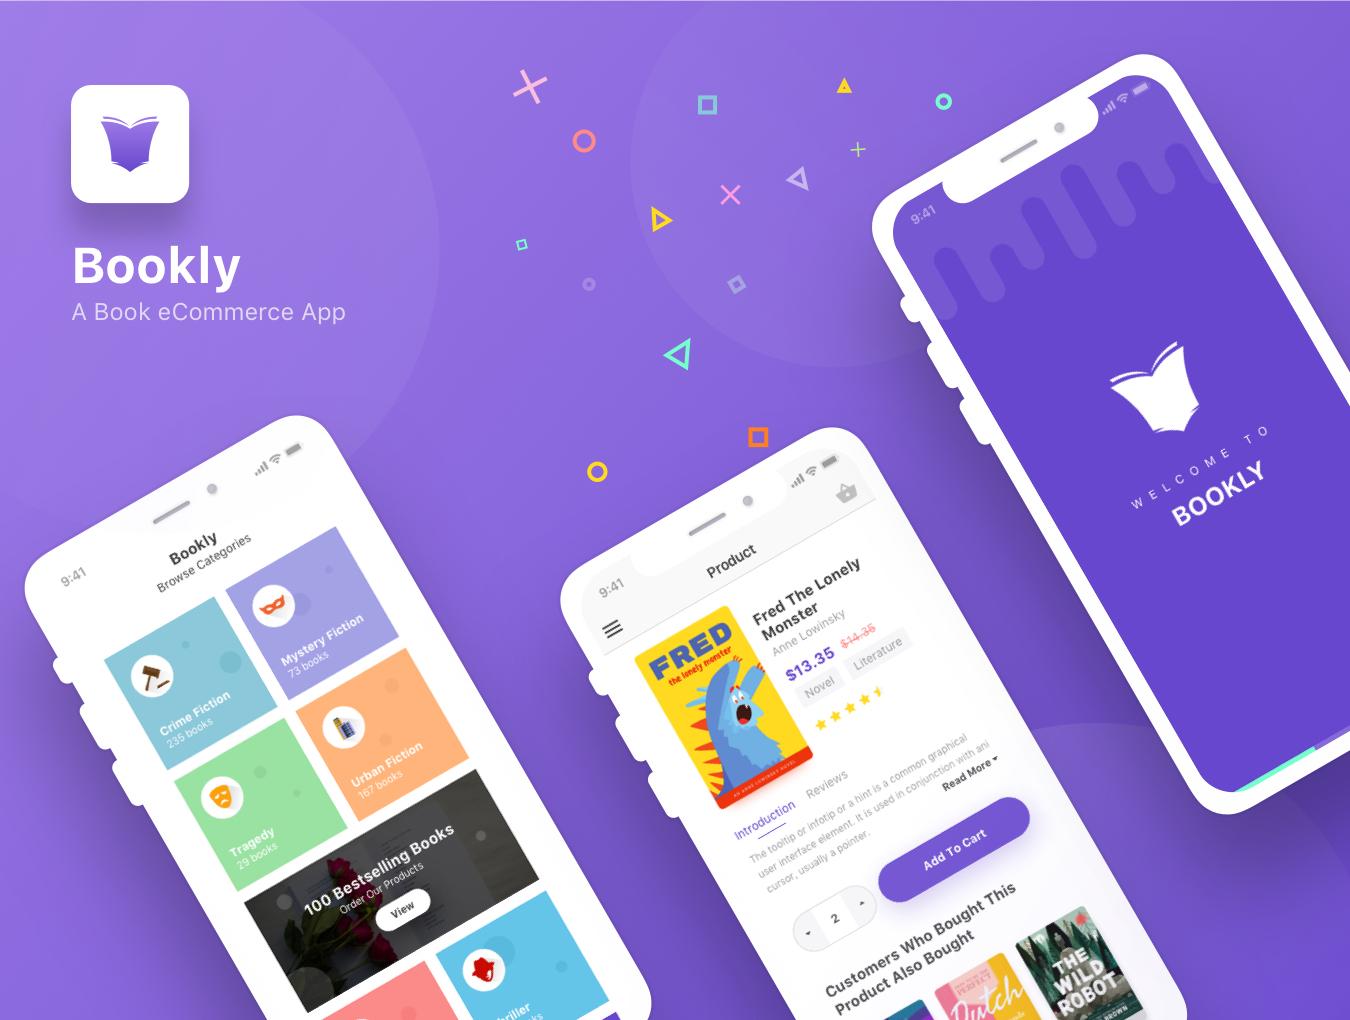 现代时尚图书在线购买商城APP应用UI界面设计模板 Bookly iOS UI Kit插图